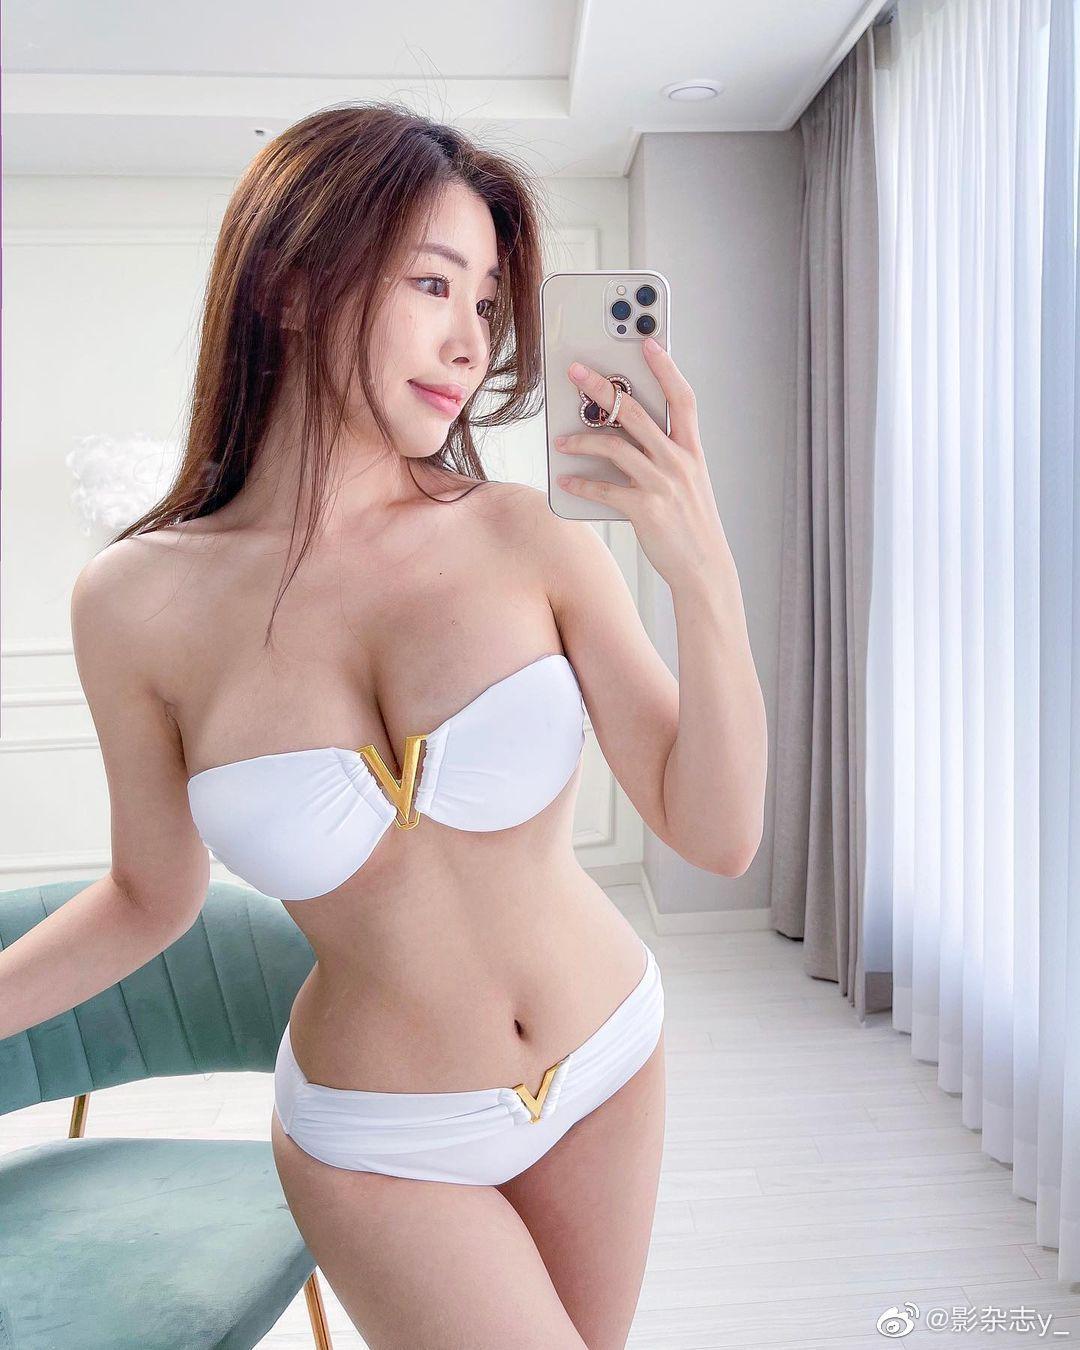 韩国美少女 전예빈 Yebin 海边泳装比基尼美图分享-觅爱图